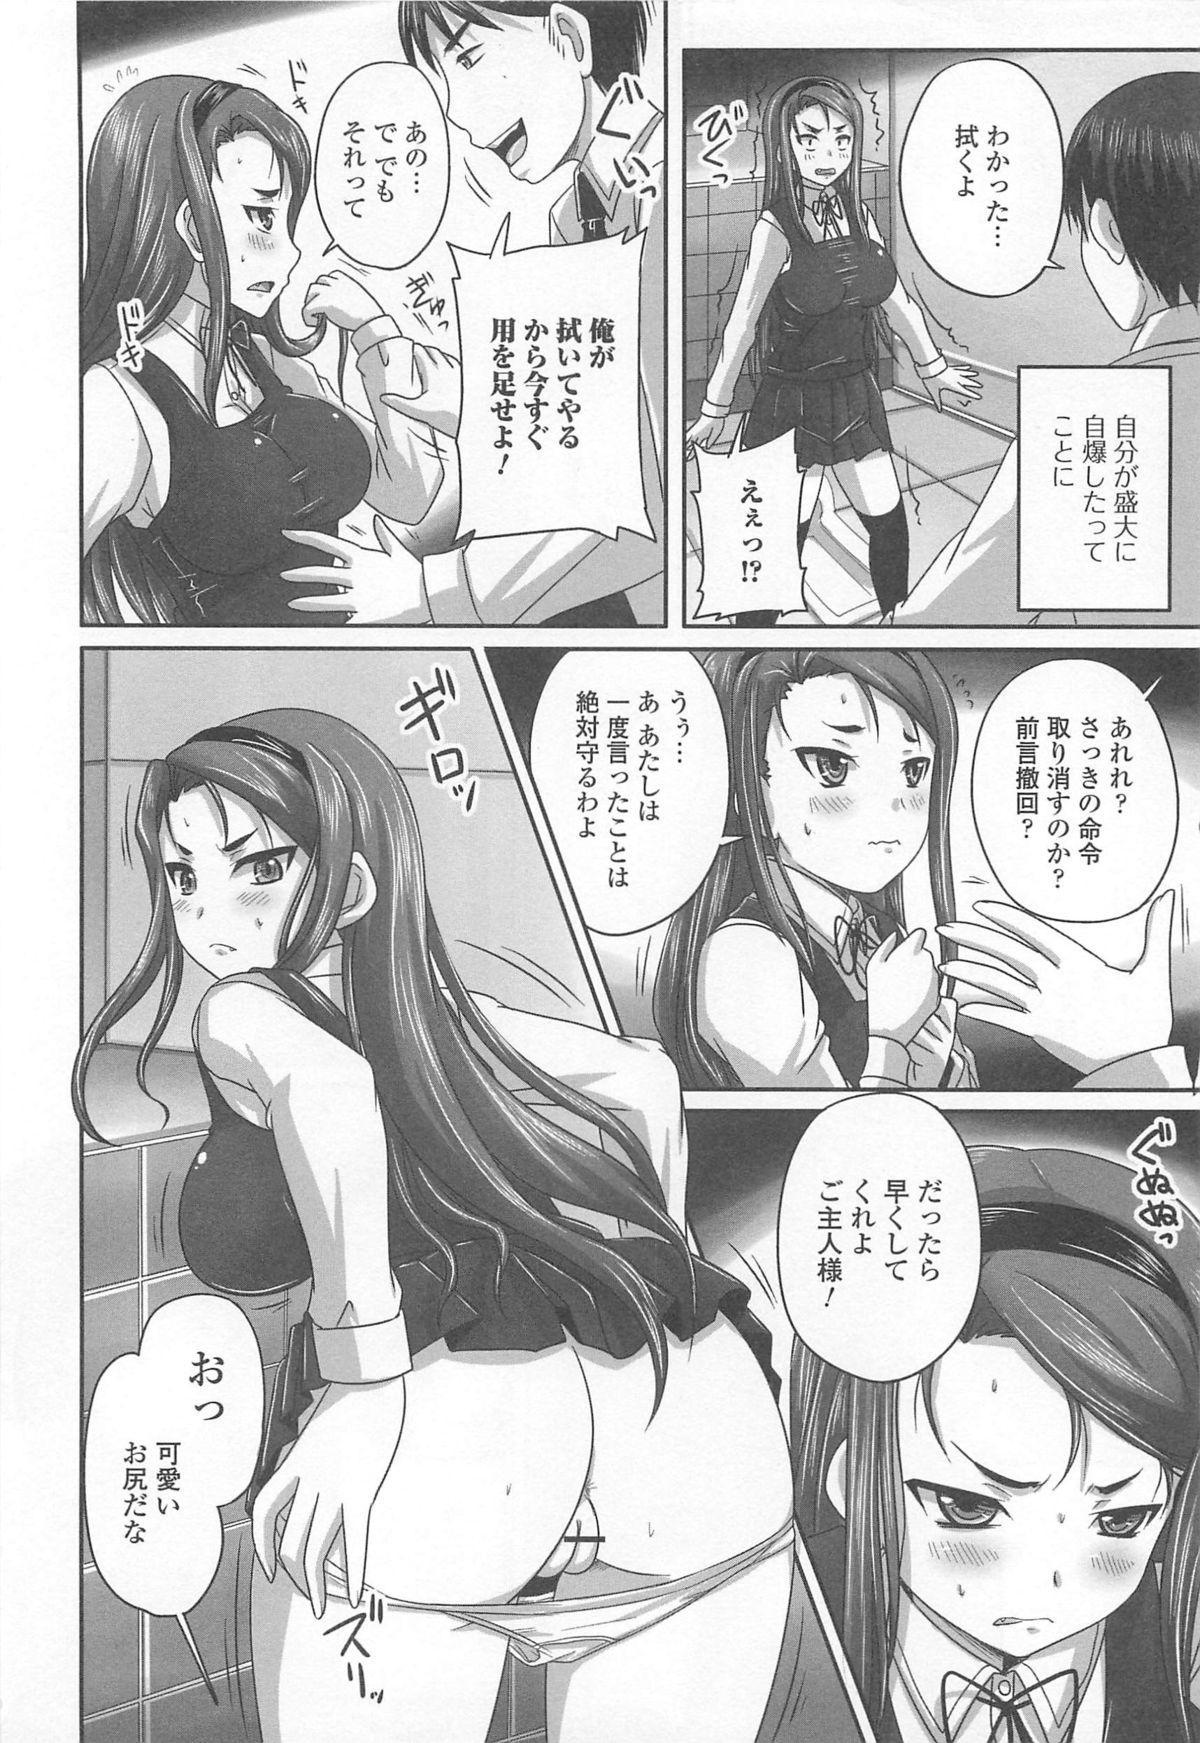 Tsuntsun Ojousama no Geboku ni Natte Shimatta Ore wa Ch. 1-2 7